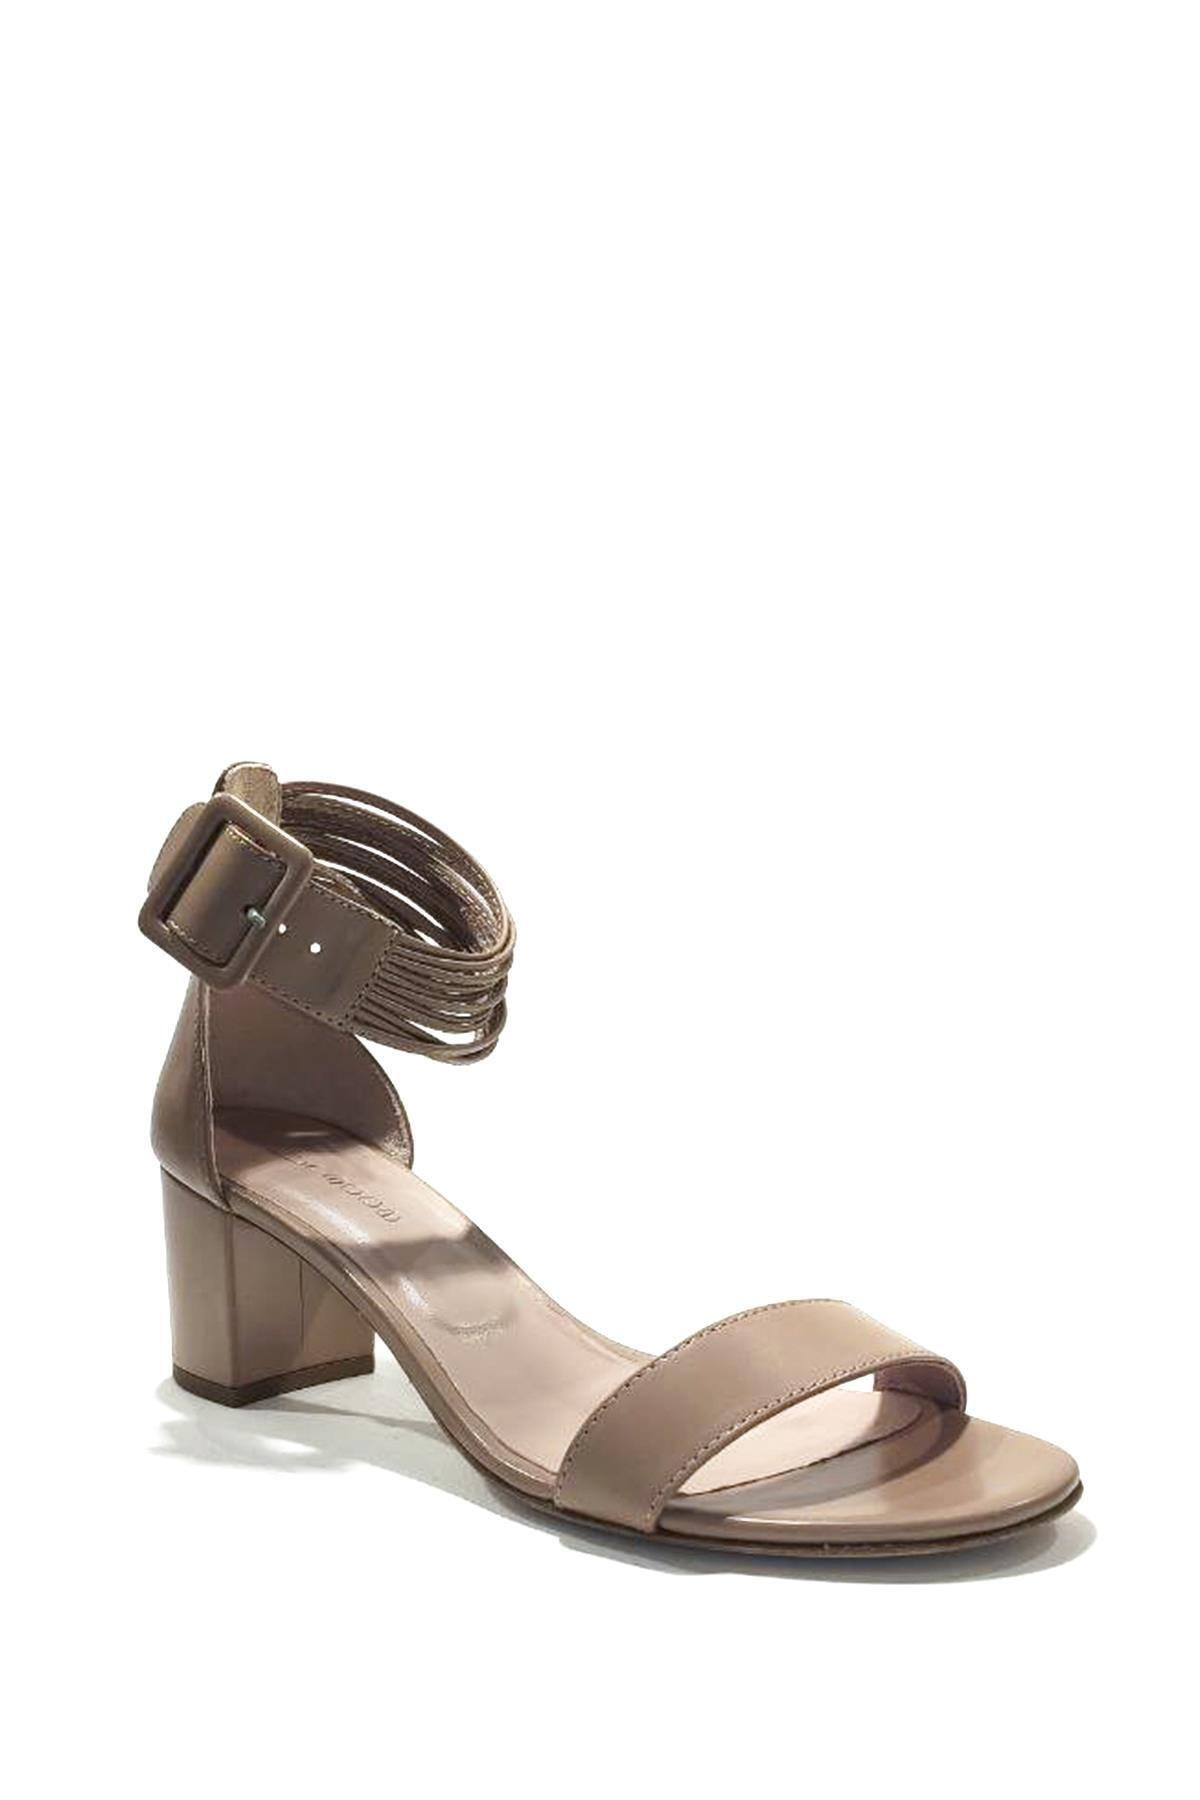 Nursace Hakiki Deri Klasik Topuklu Ayakkabı Nsc19y-a51044 1